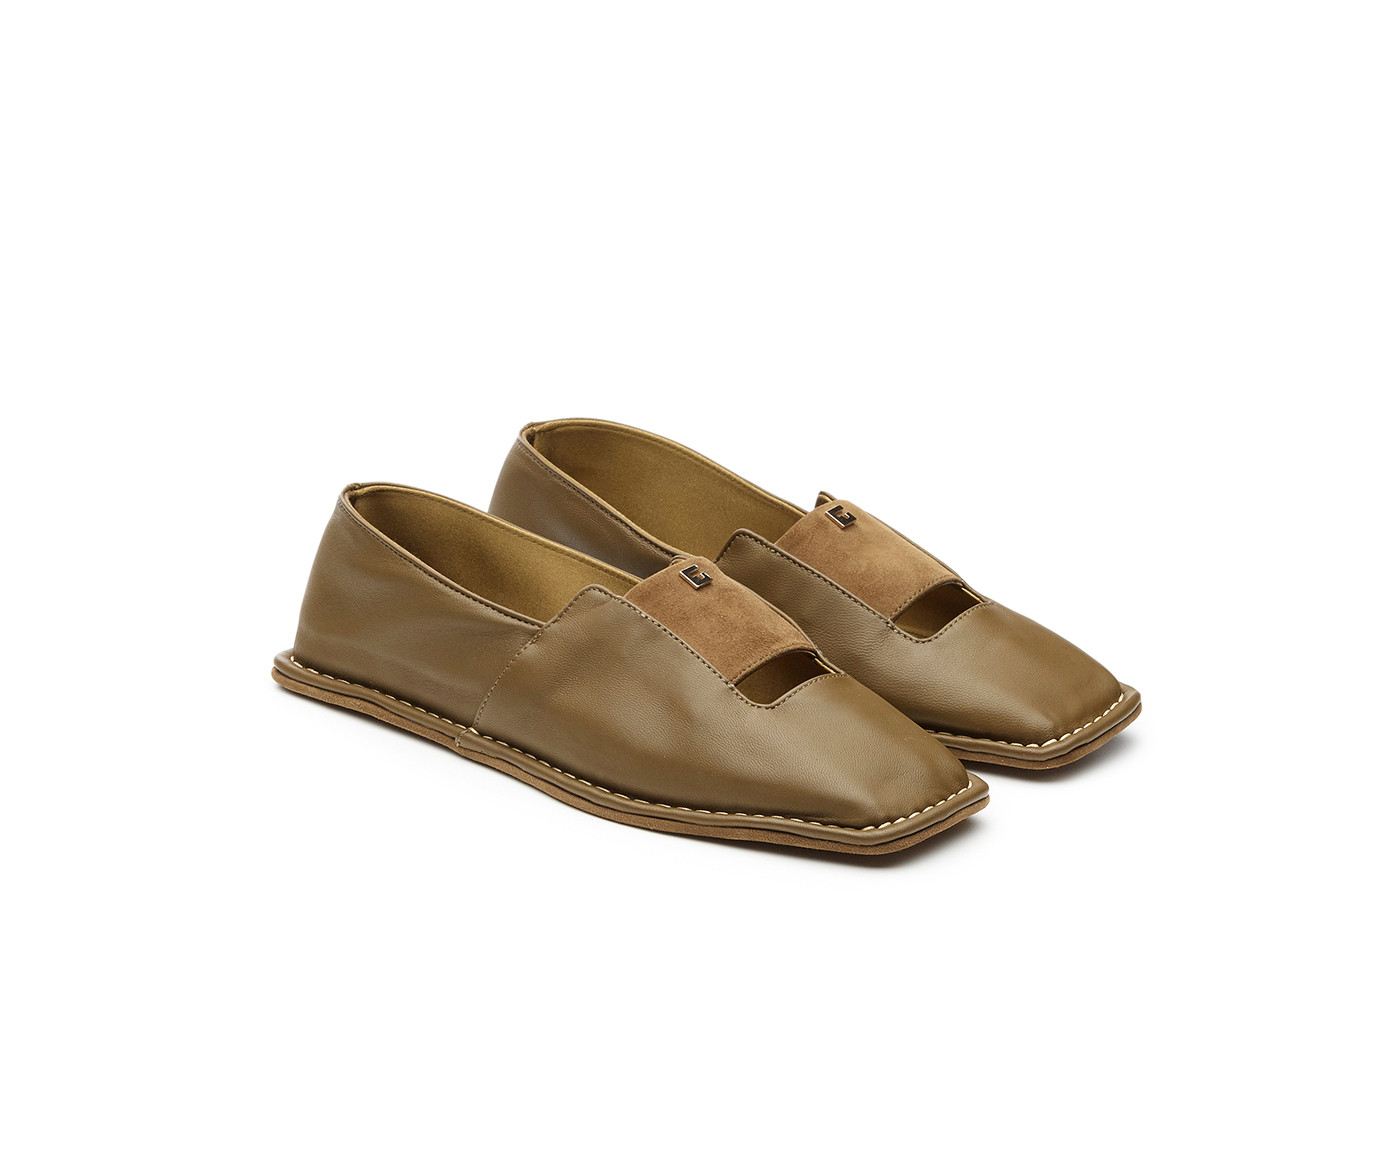 Giordano Torresi scarpe | VESTA